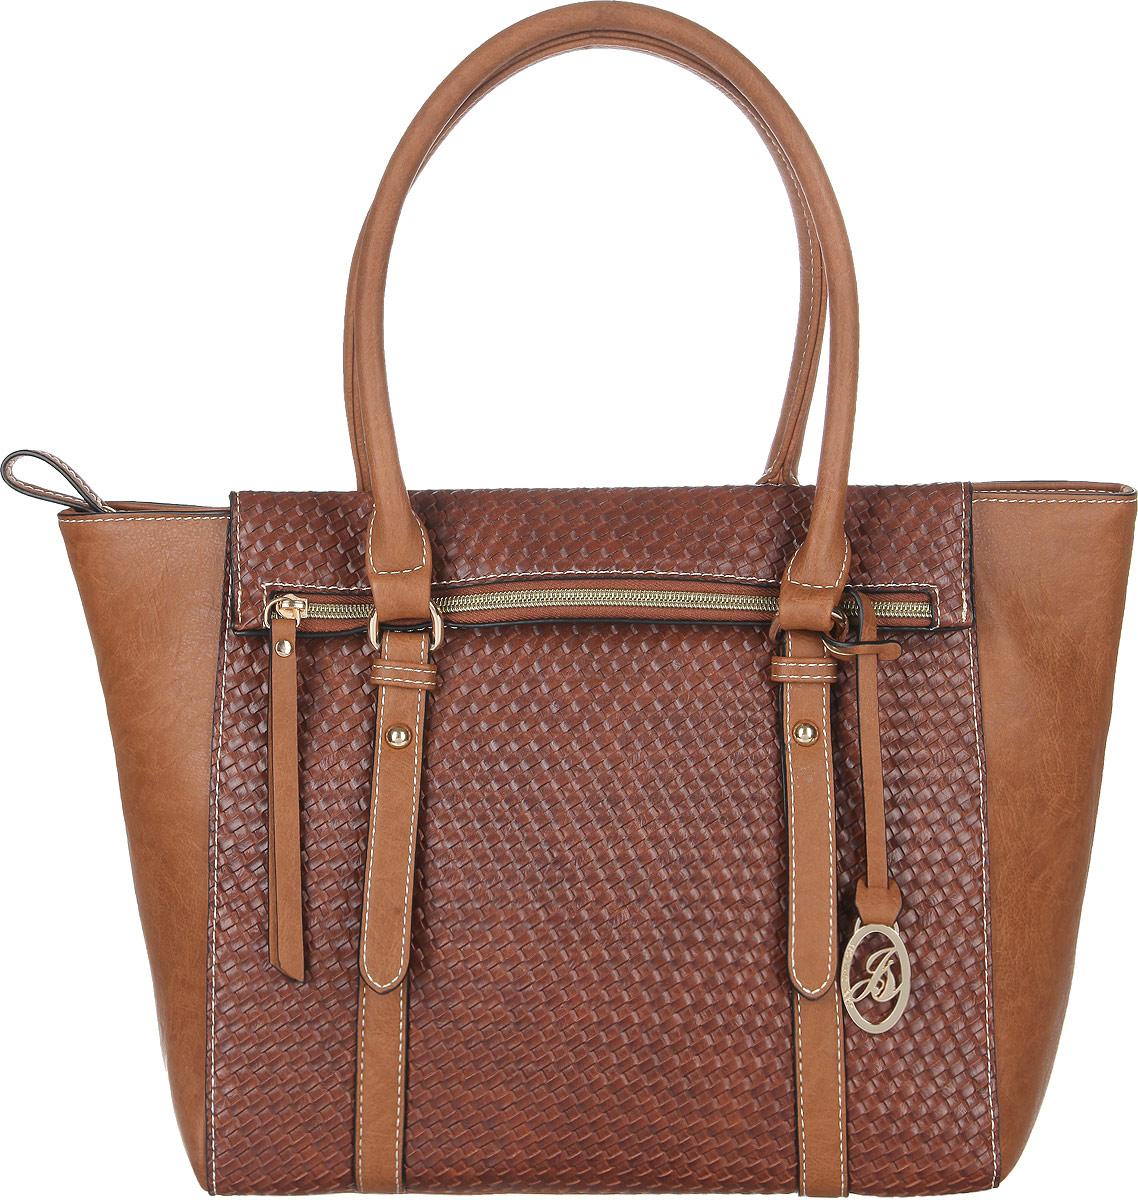 Сумка женская Jane Shilton, цвет: коричневый. 2058A-B86-05-CСтильная женская сумка Jane Shilton, выполненная из искусственной кожи, оформлена тиснением под плетение и дополнена фирменным брелоком. Изделие имеет одно основное отделение, закрывающееся на застежку-молнию. Внутри находятся прорезной карман на застежке-молнии и накладной открытый карман. Снаружи, на передней стенке расположен оригинальный карман на застежке-молнии, на задней стенке - прорезной карман на застежке-молнии. Модель оснащена двумя удобными ручками. Роскошная сумка внесет элегантные нотки в ваш образ и подчеркнет ваше отменное чувство стиля.